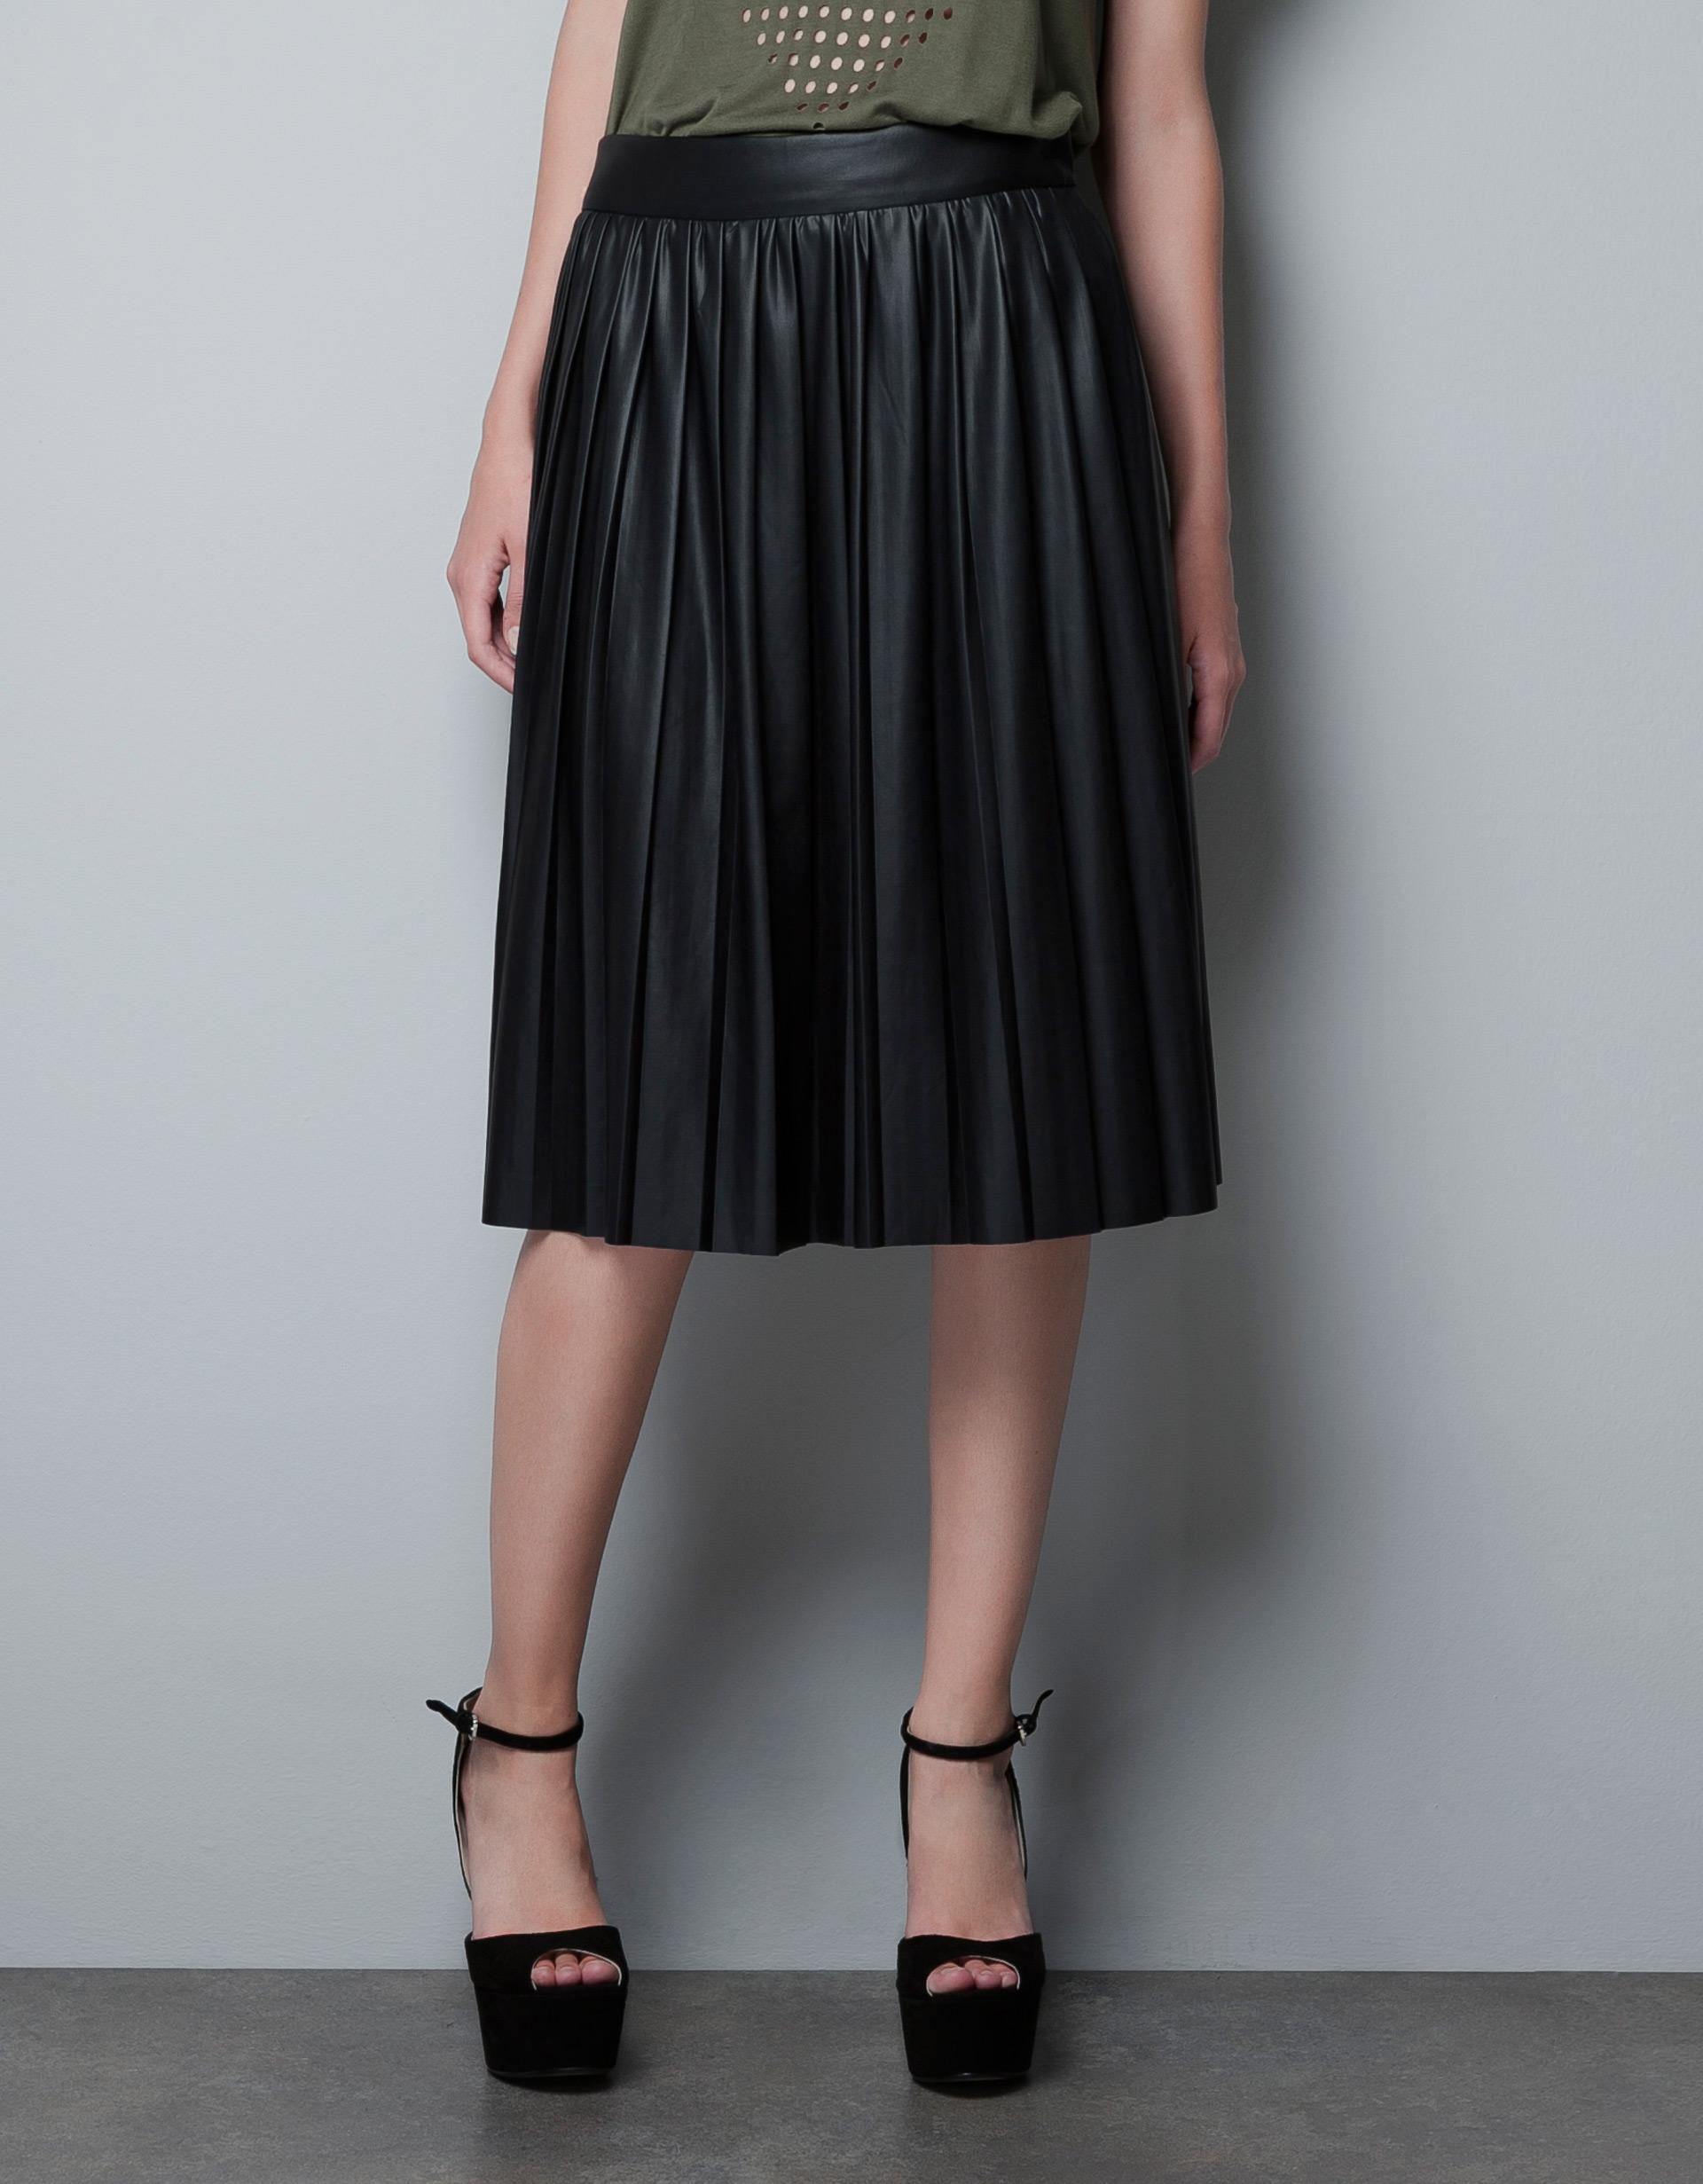 zara leathereffect rubberised skirt in black lyst